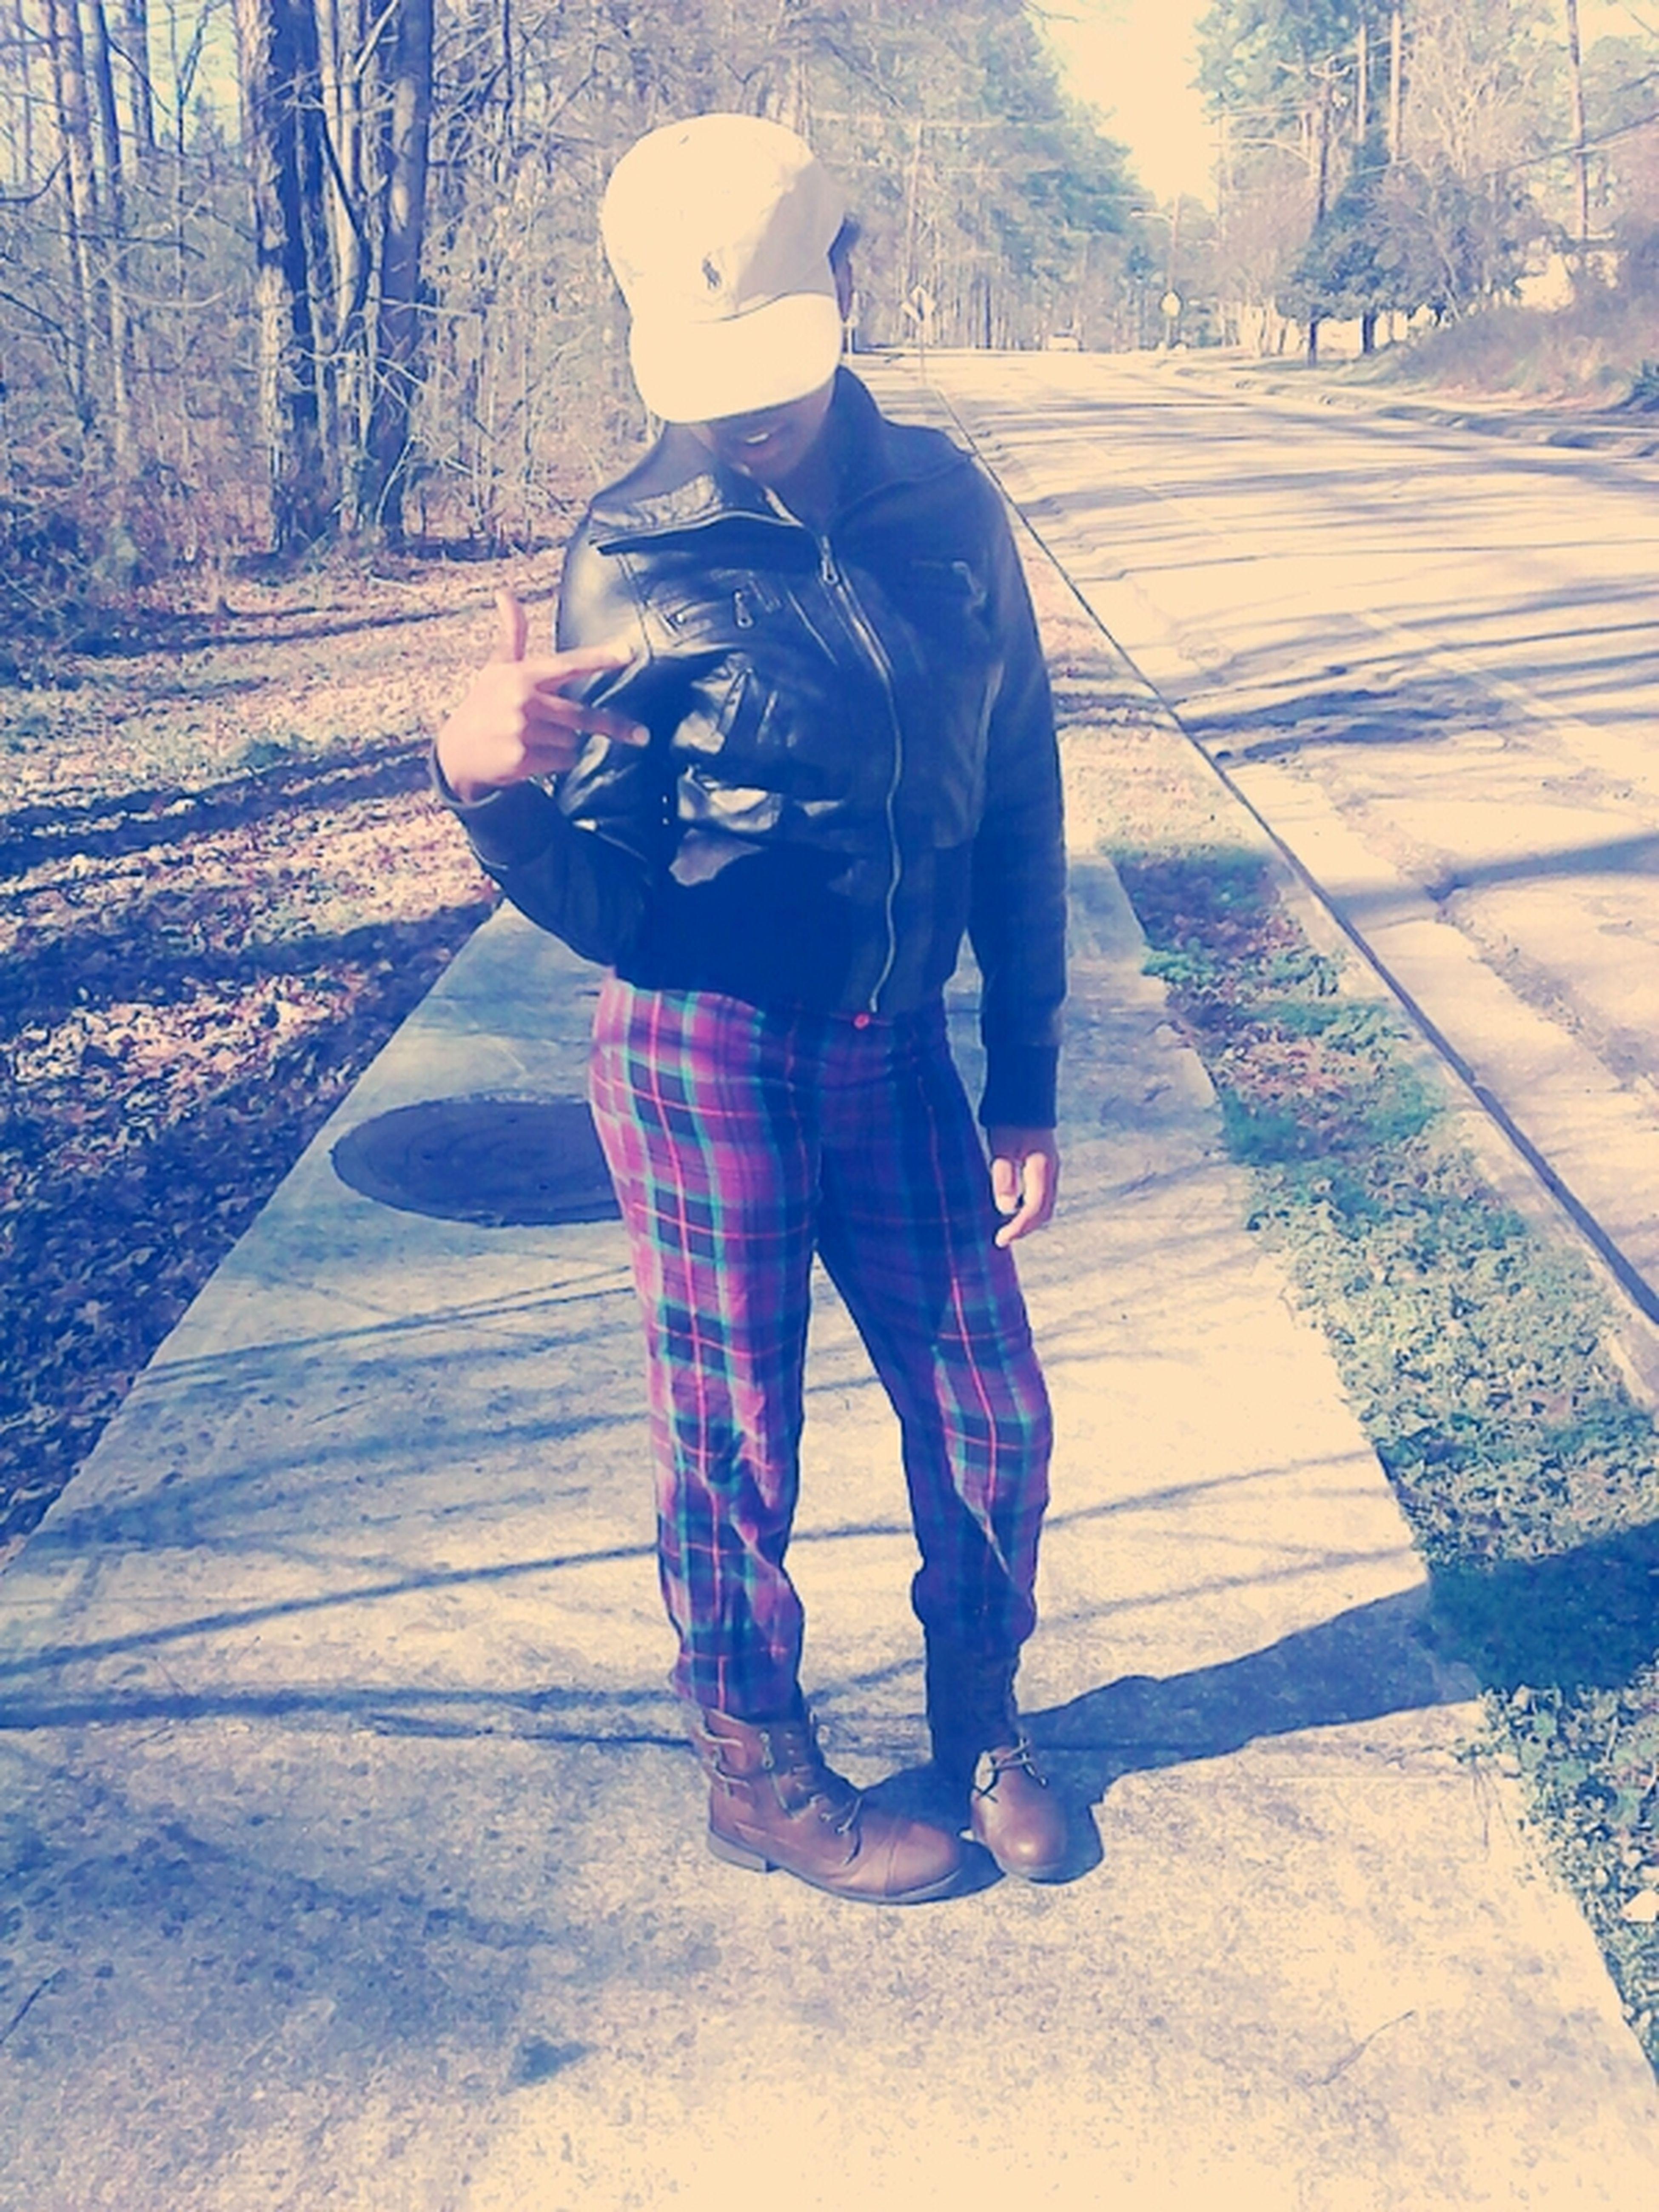 lmfaooooooo. my clothes tho<<<<